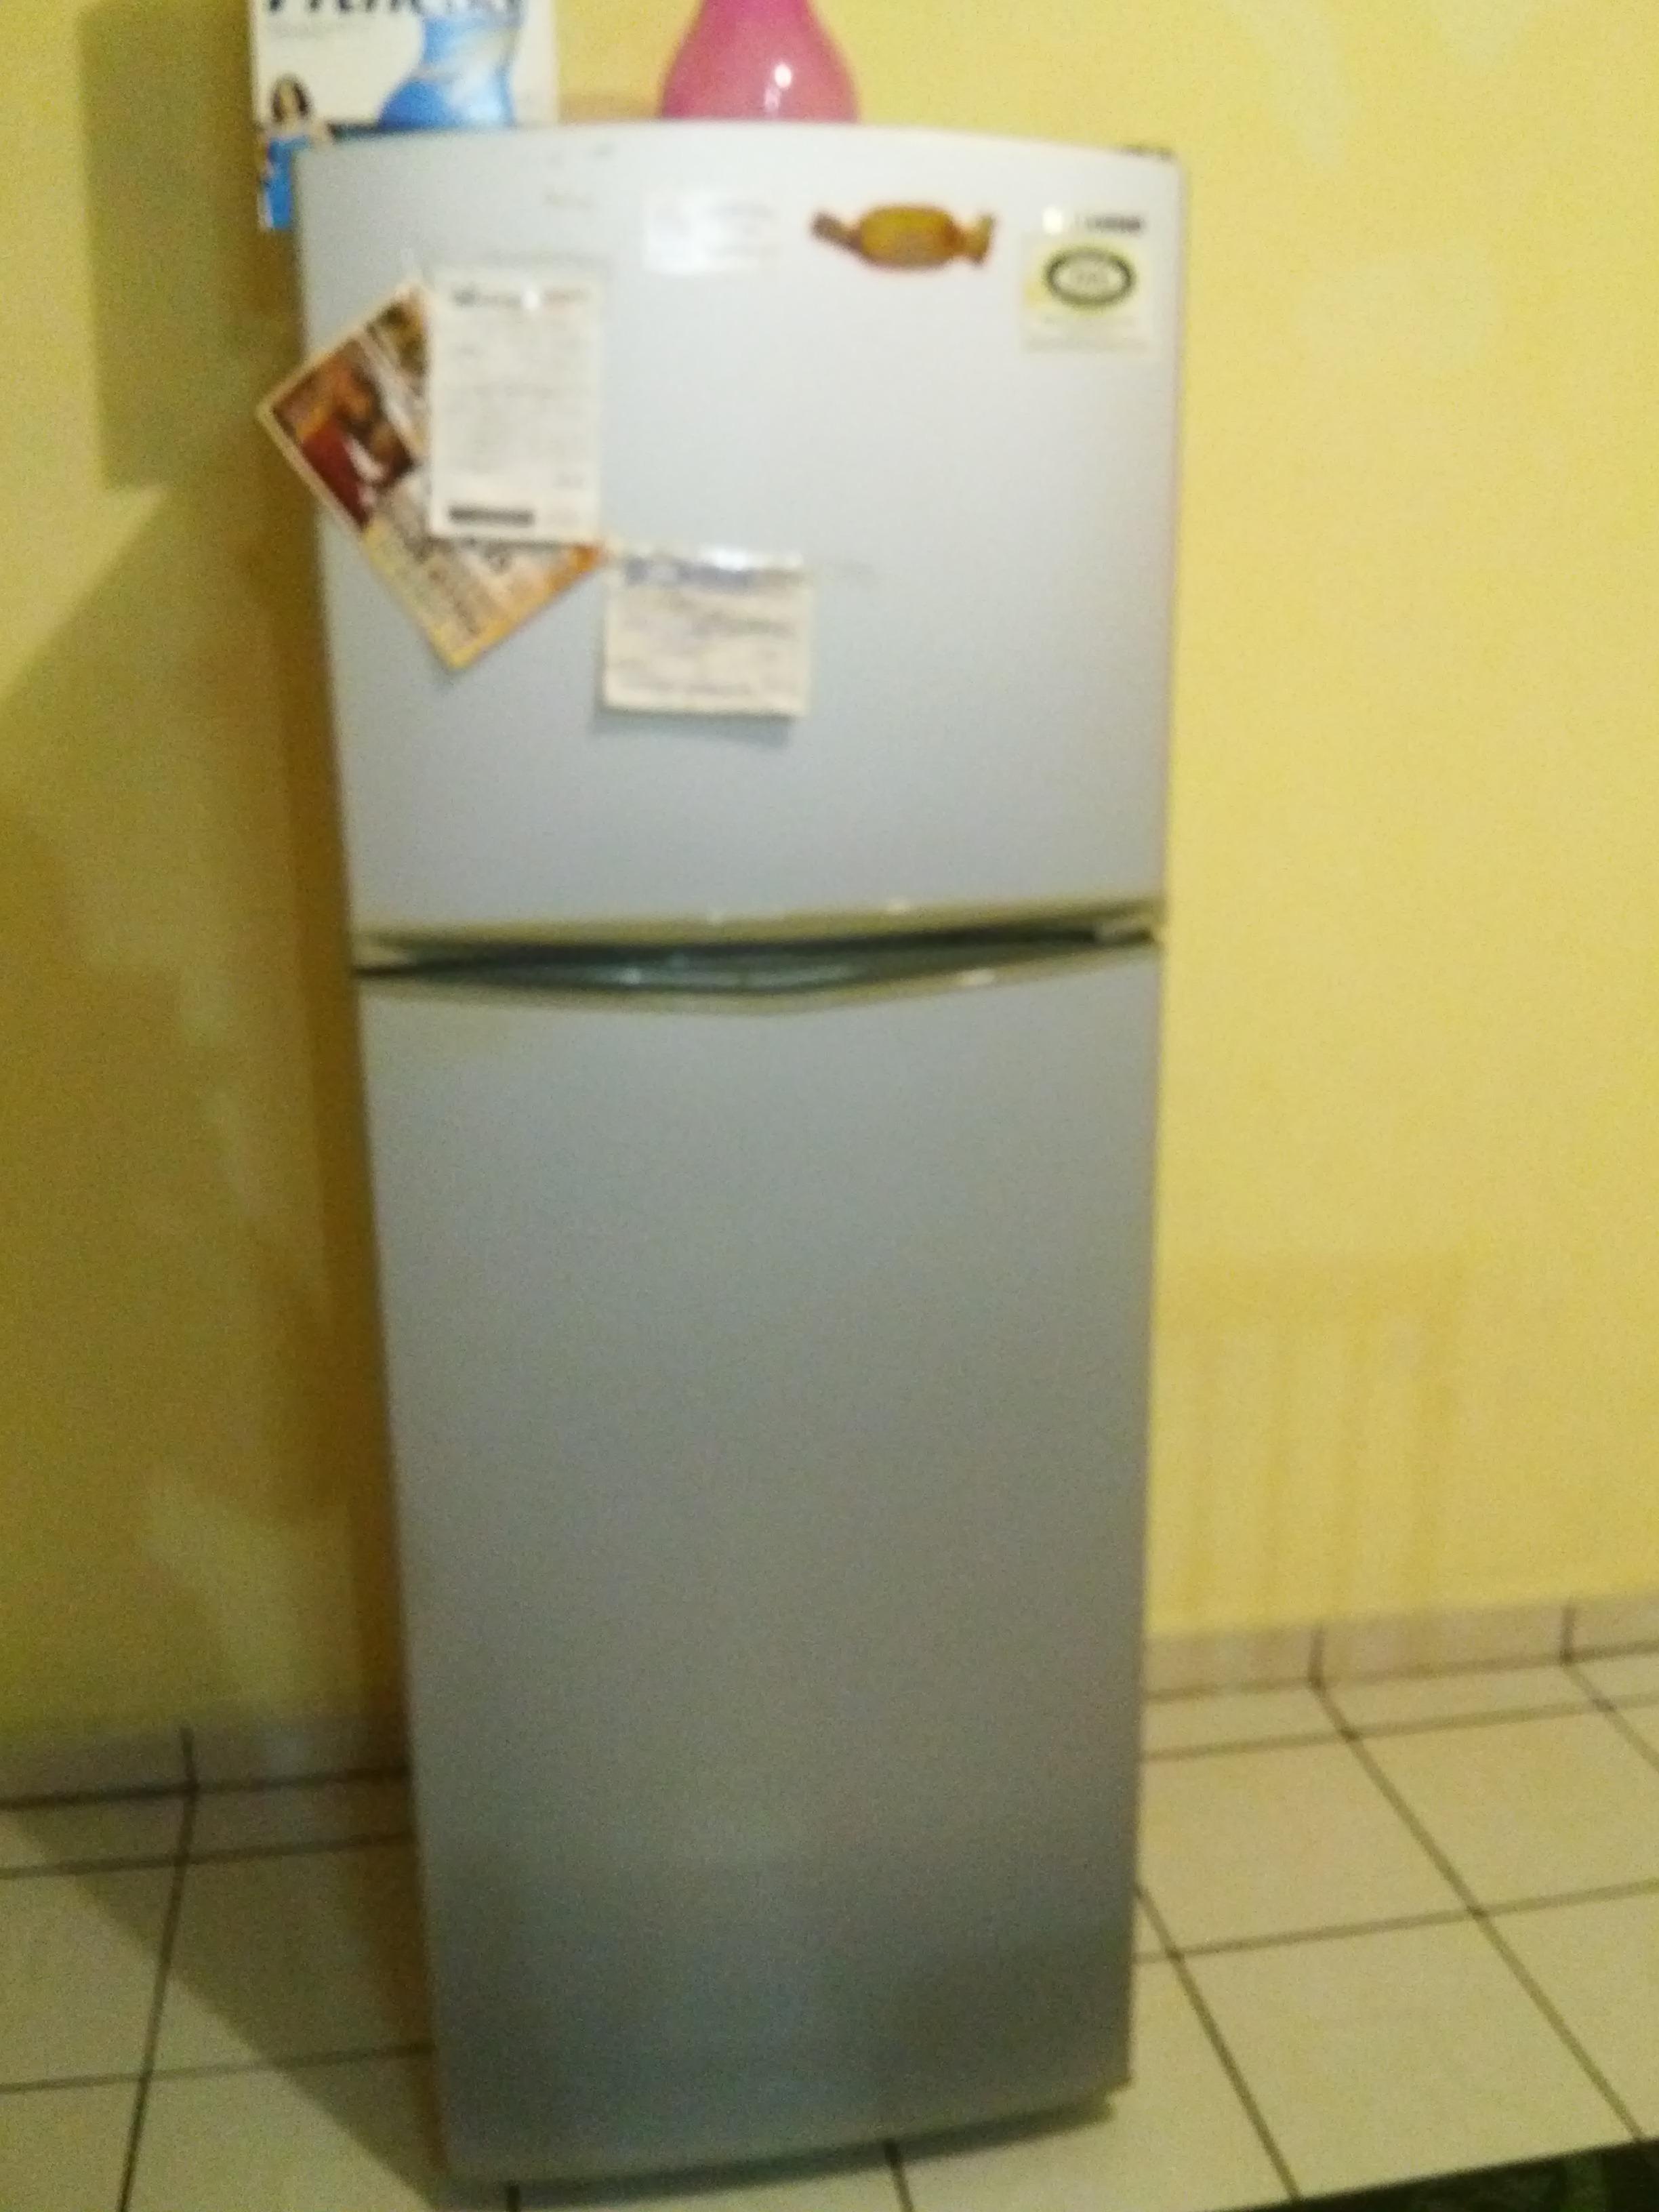 Comedor sala refrigerador recamara estufa y mueble for Mueble para estufa